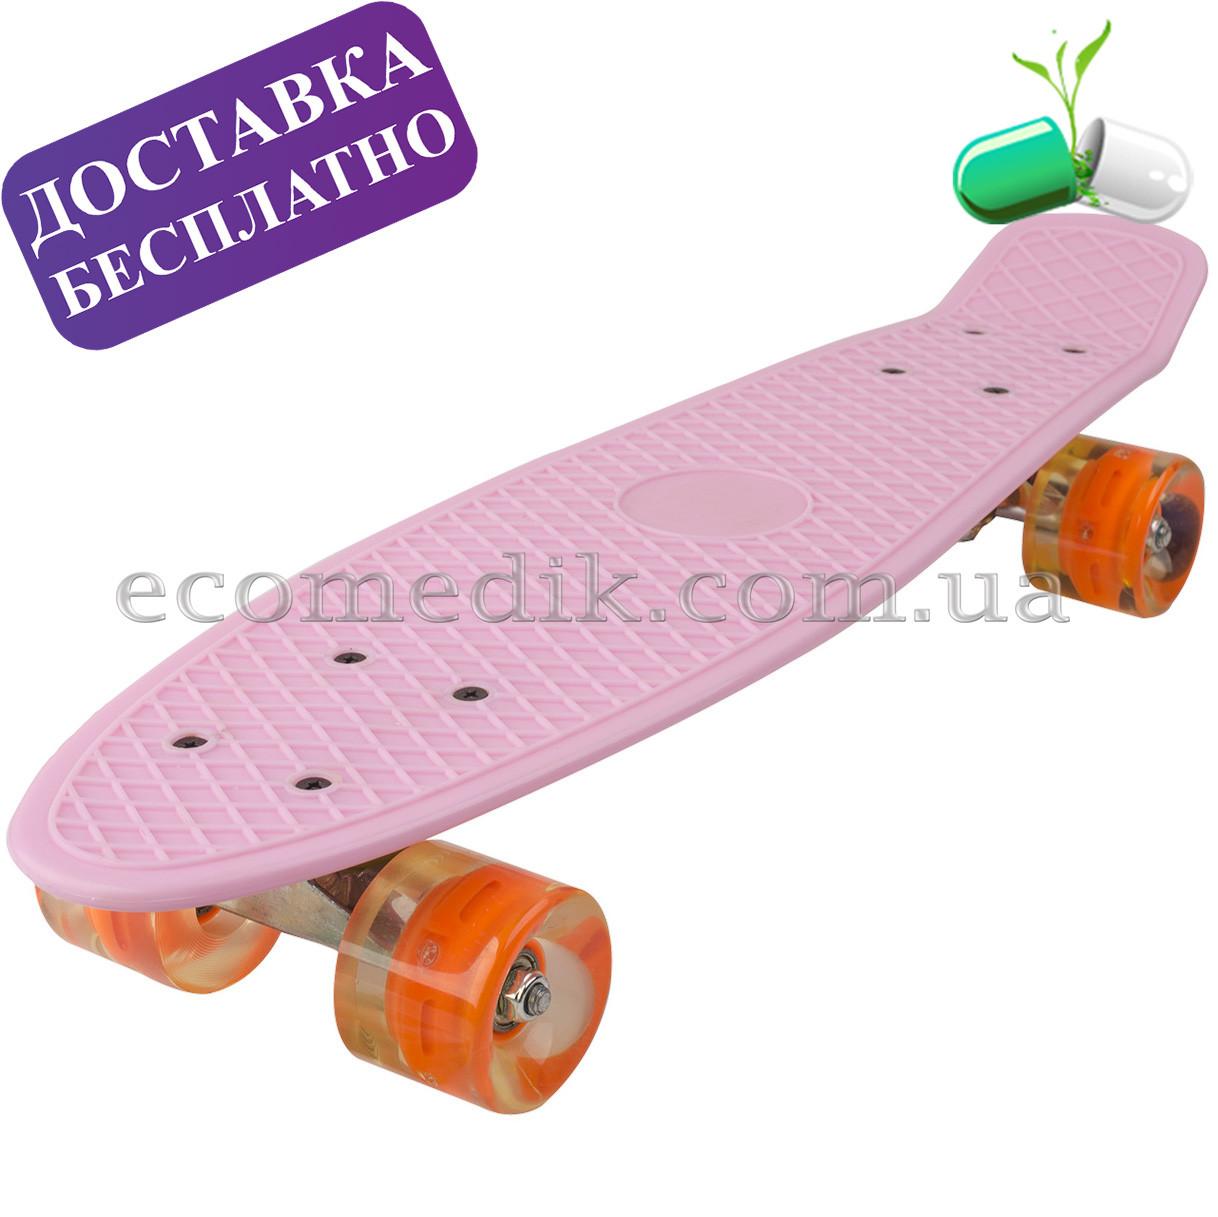 Ніжно-рожевий пенні борд зі світними колесами penny скейтборд для дівчат